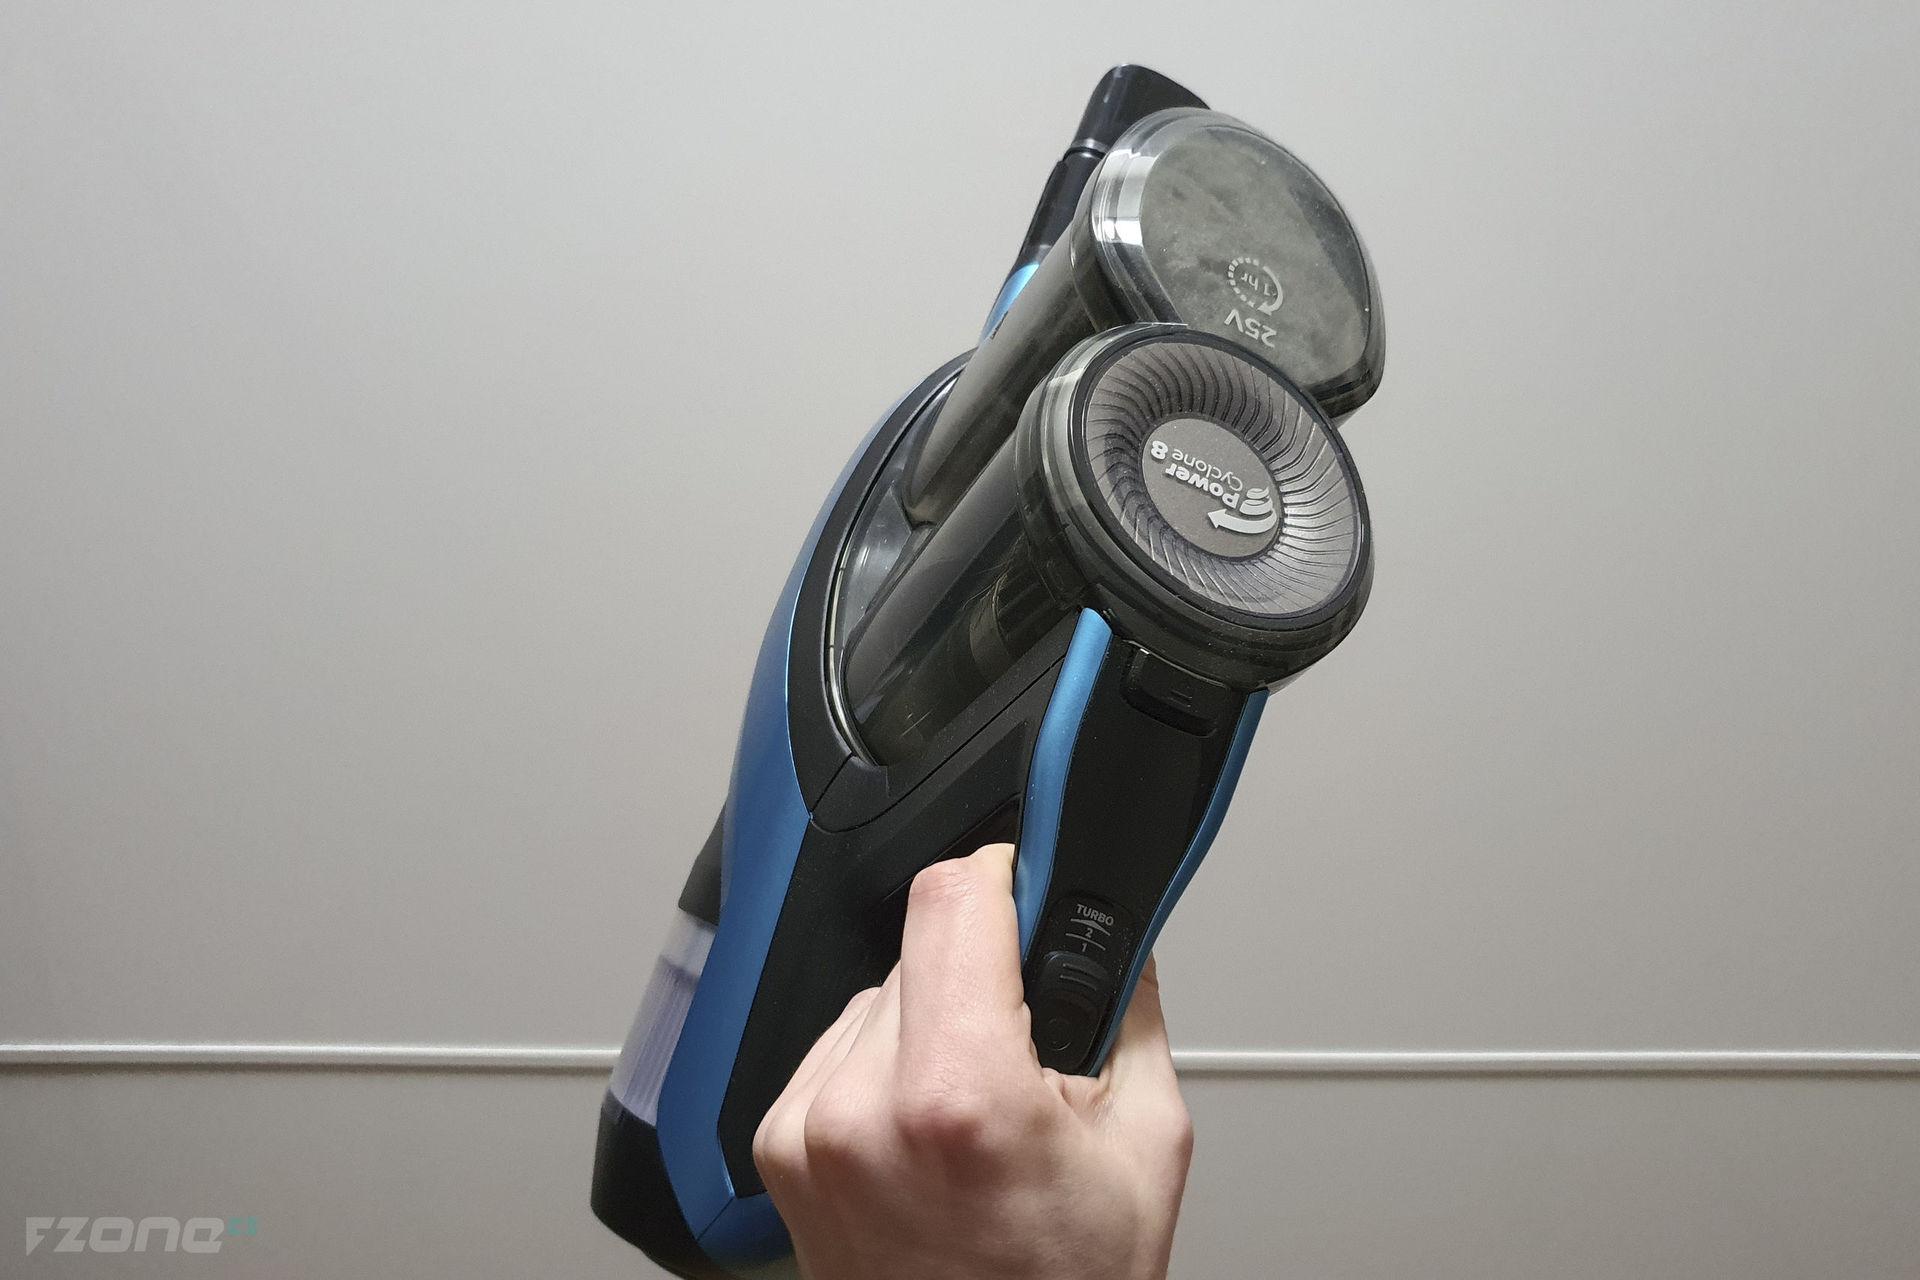 Philips SpeedPro Max Aqua 3v1